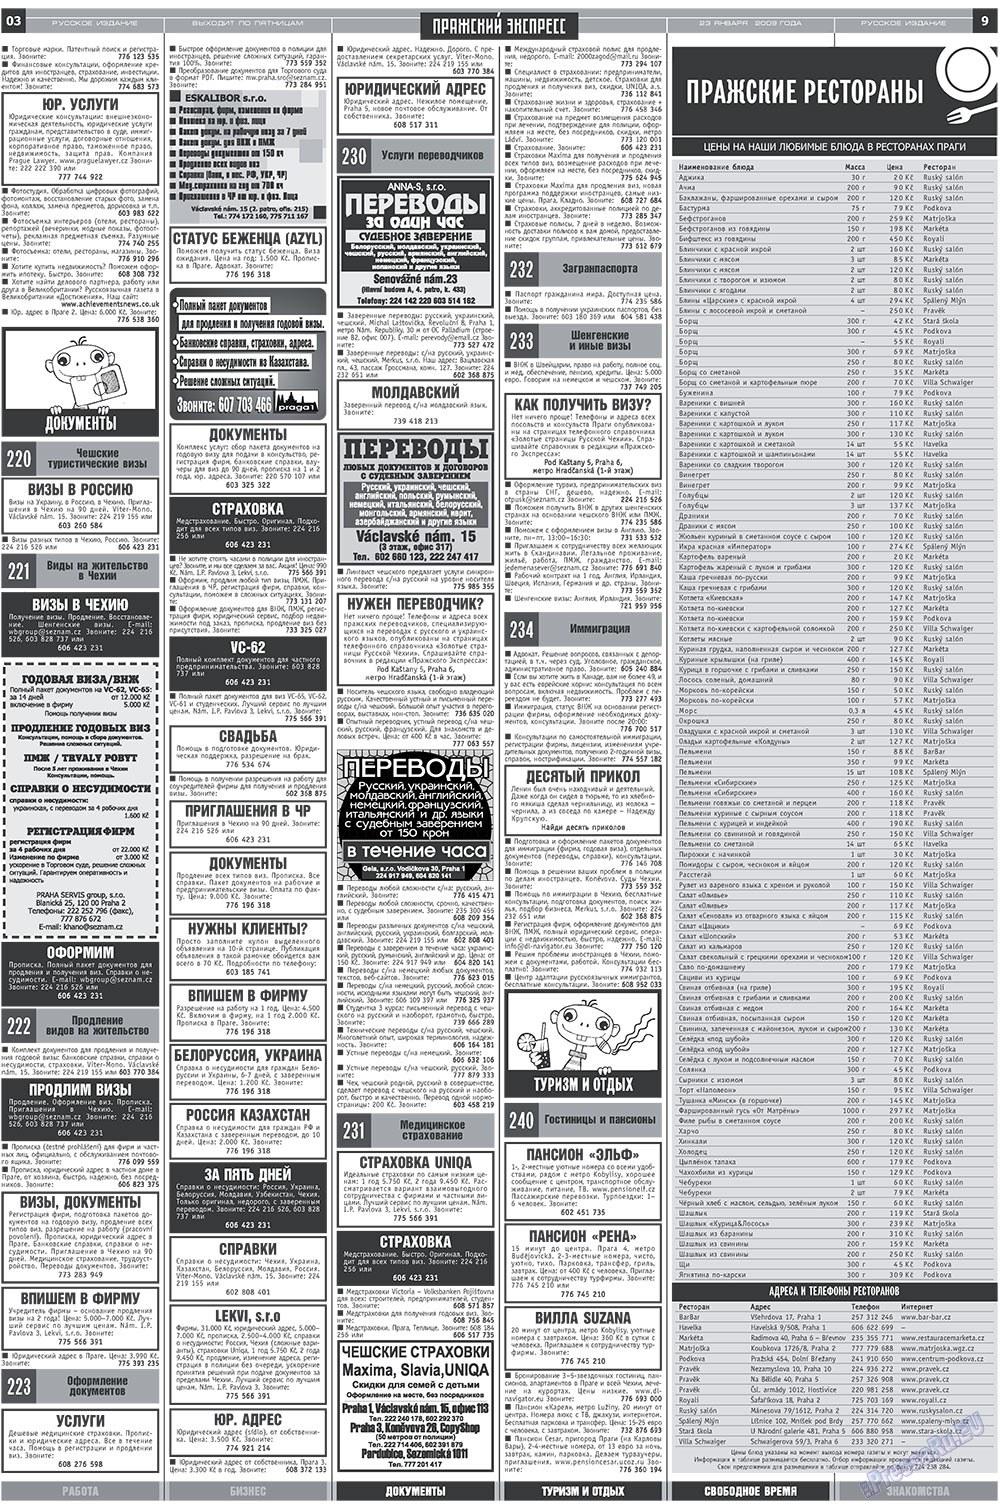 Пражский экспресс (газета). 2009 год, номер 3, стр. 9